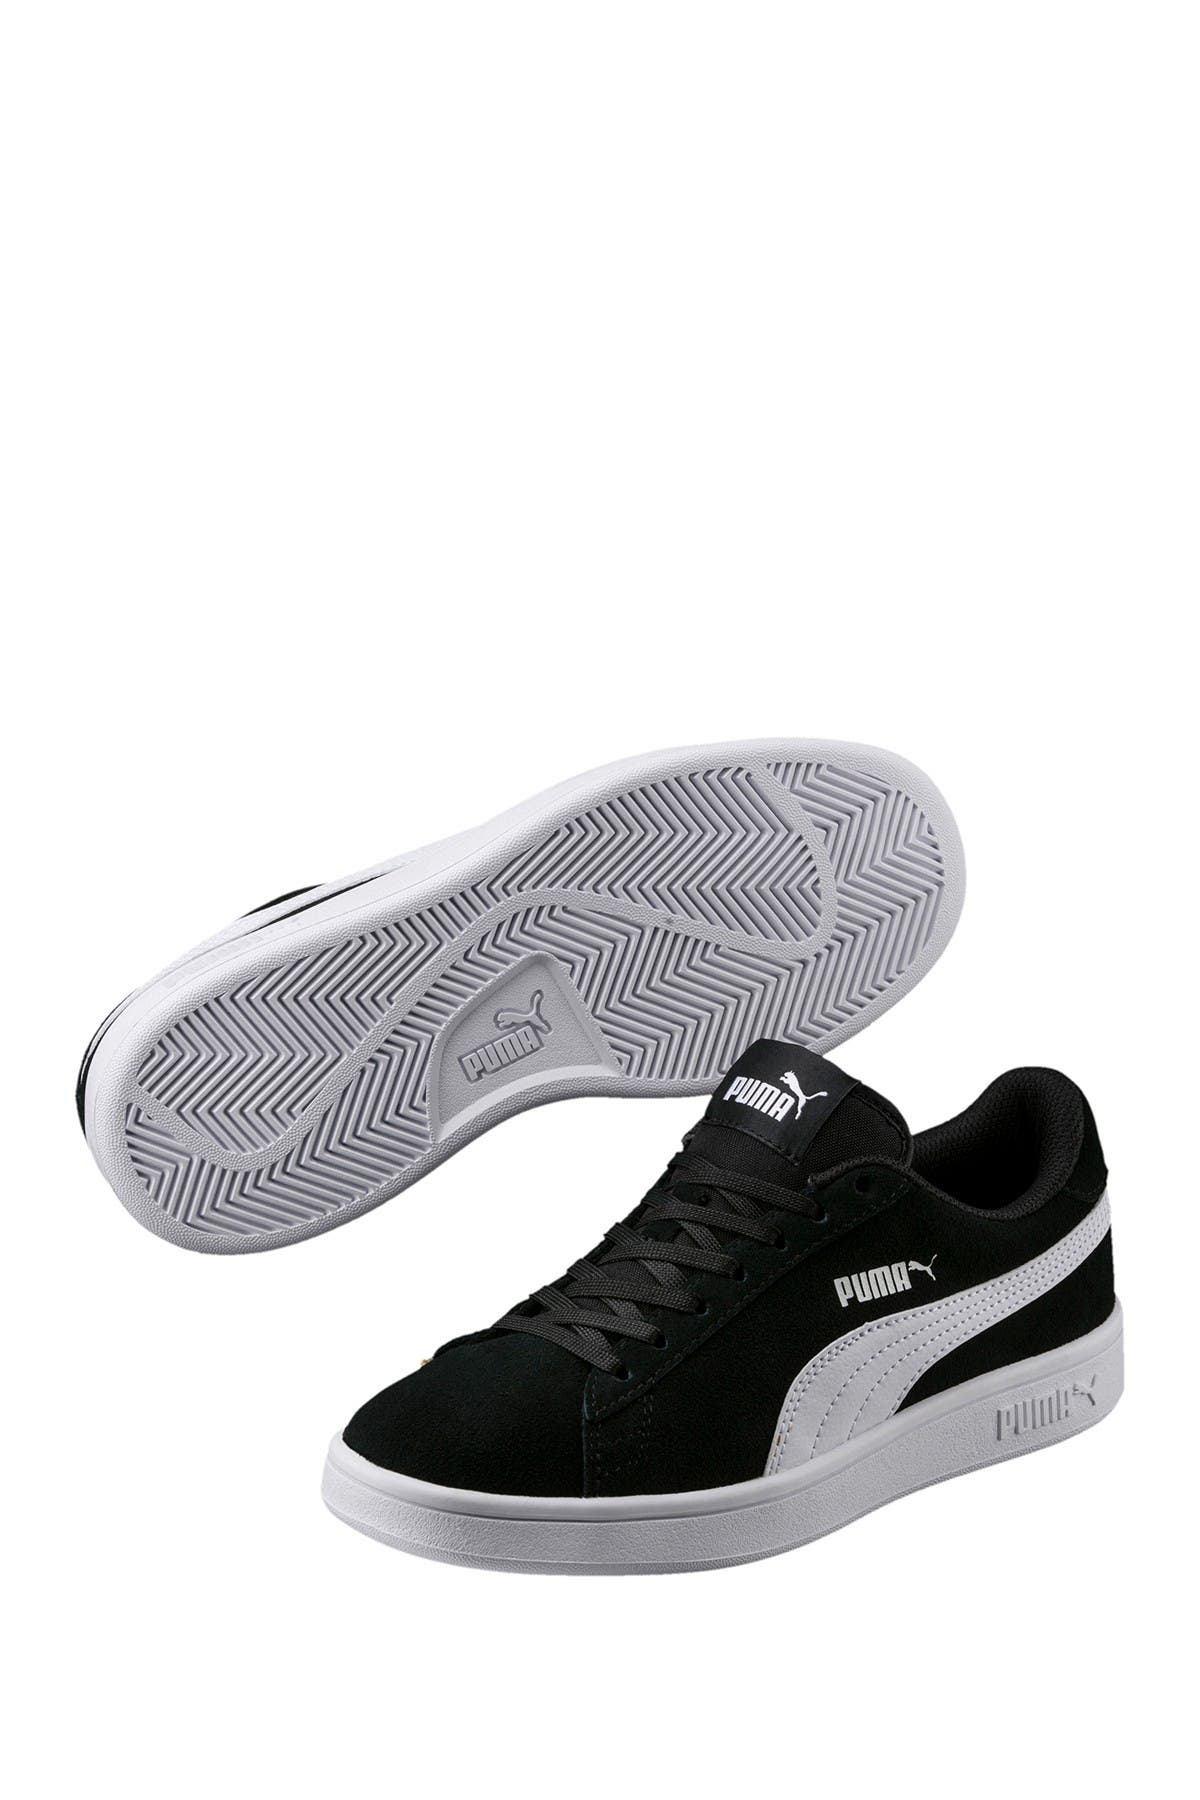 Image of PUMA Smash V2 Sneaker